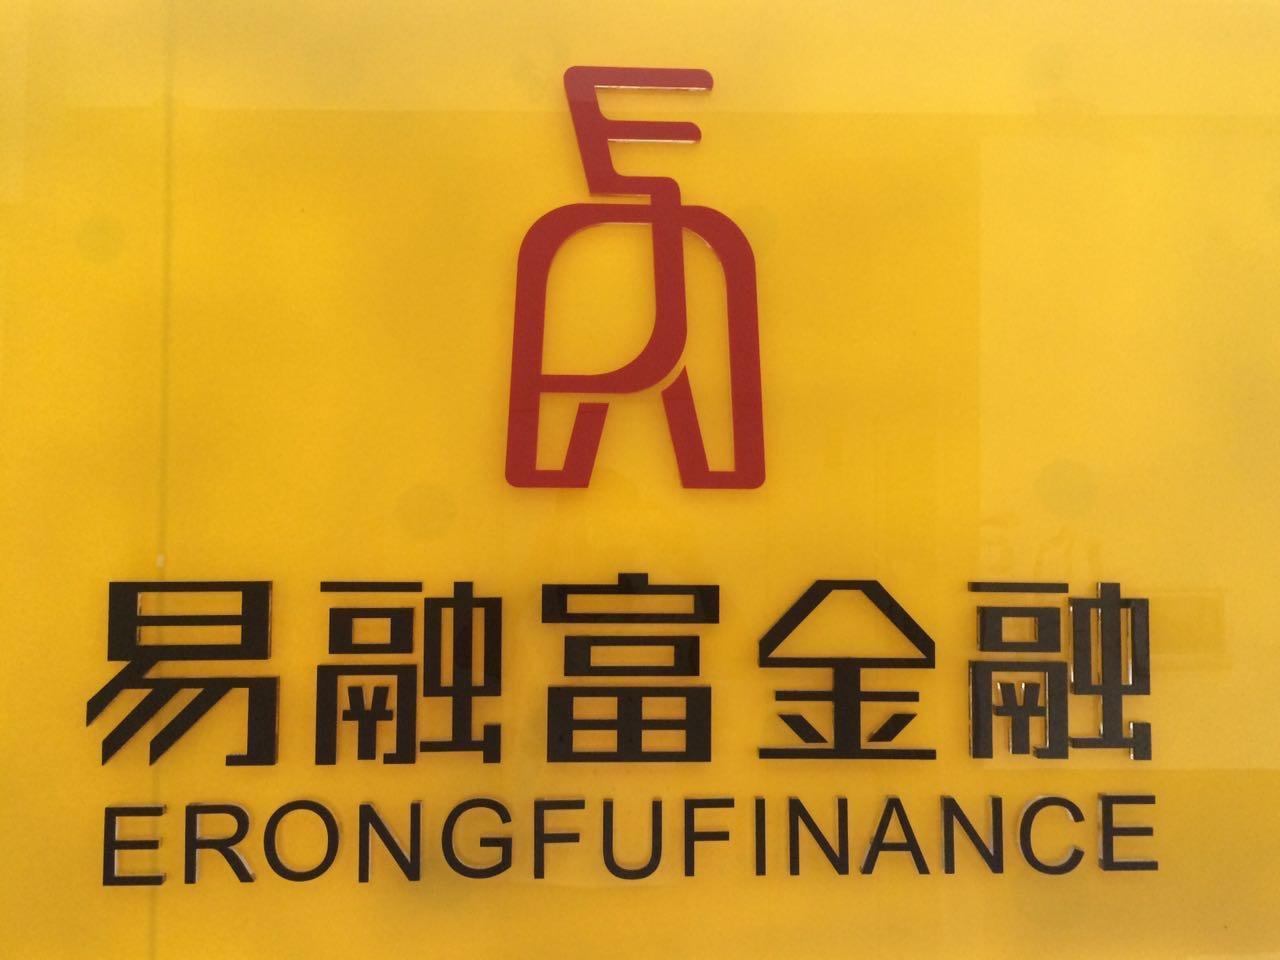 汝城县易融富信息咨询有限公司 最新采购和商业信息